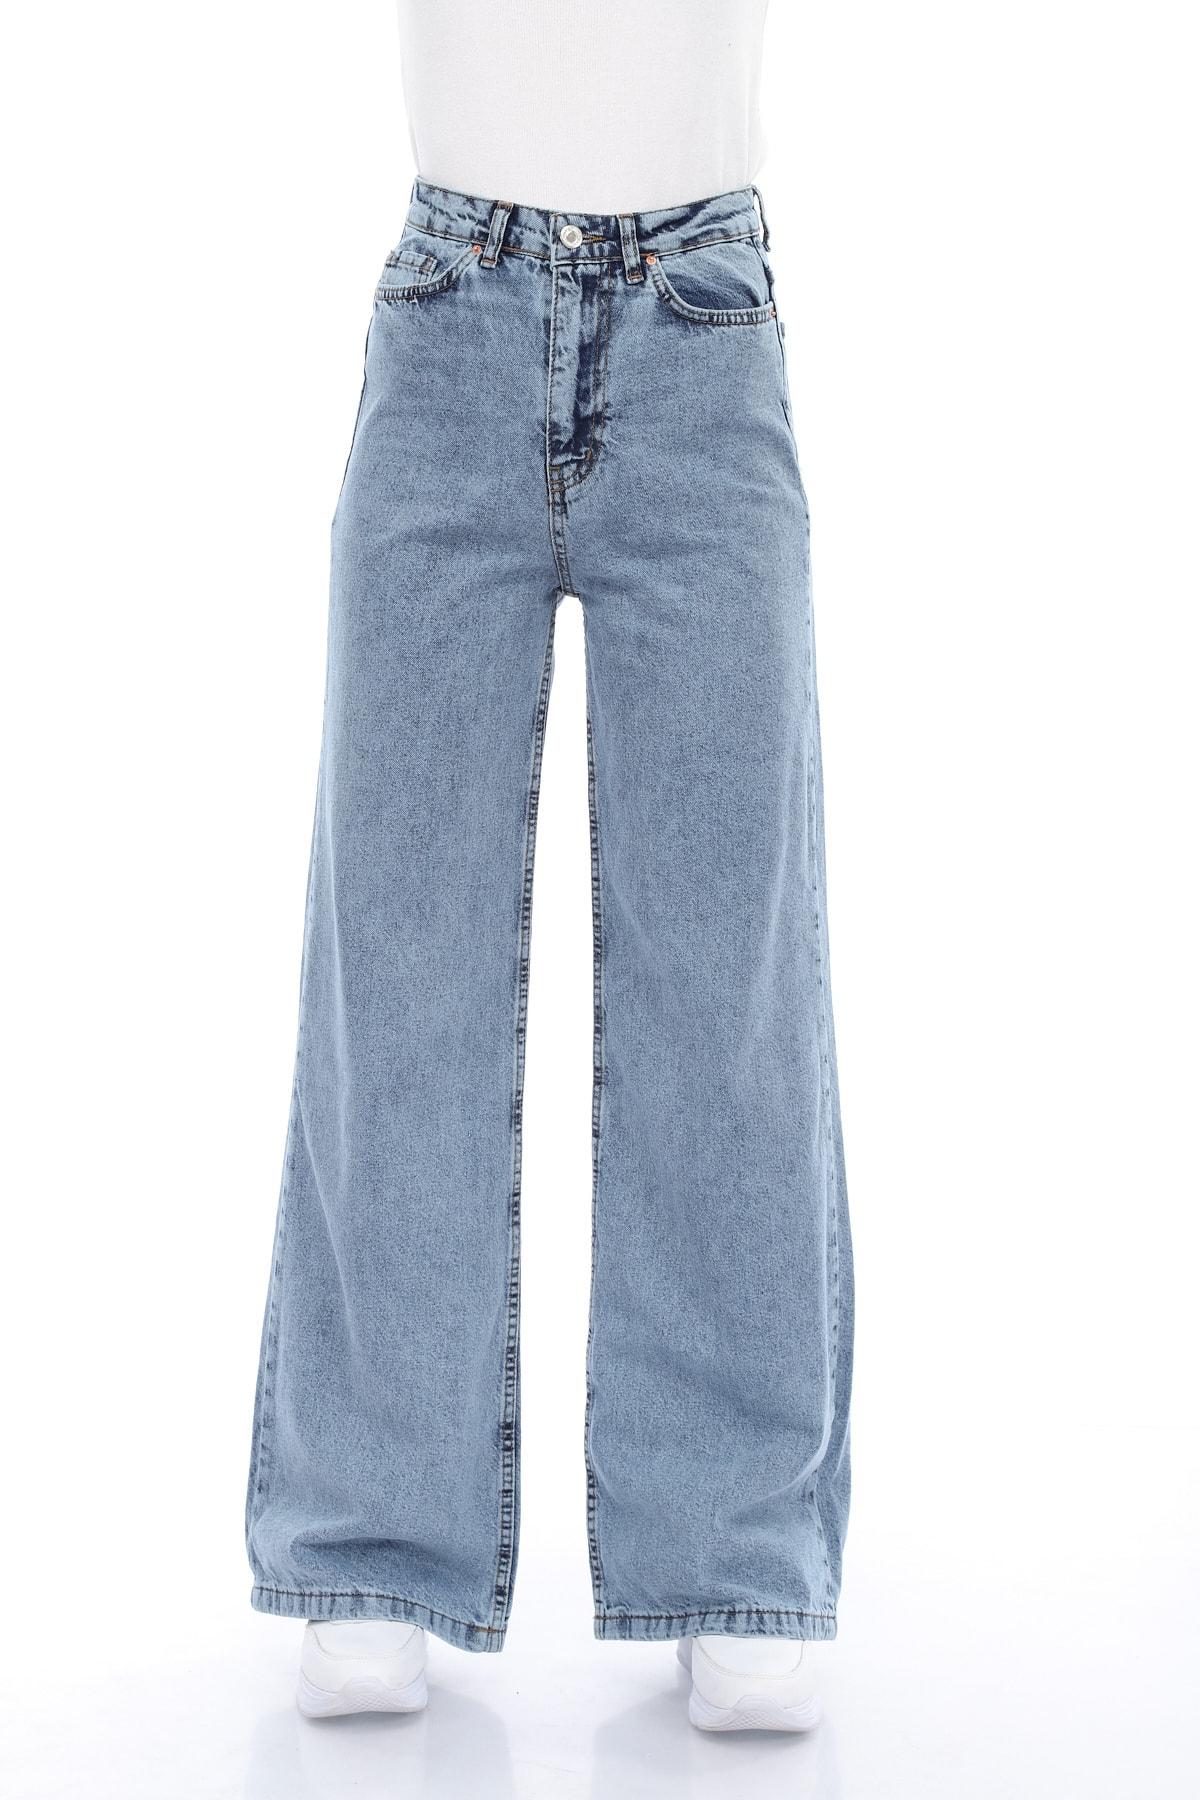 Mavi Kar Yıkama Bol Paça Jeans